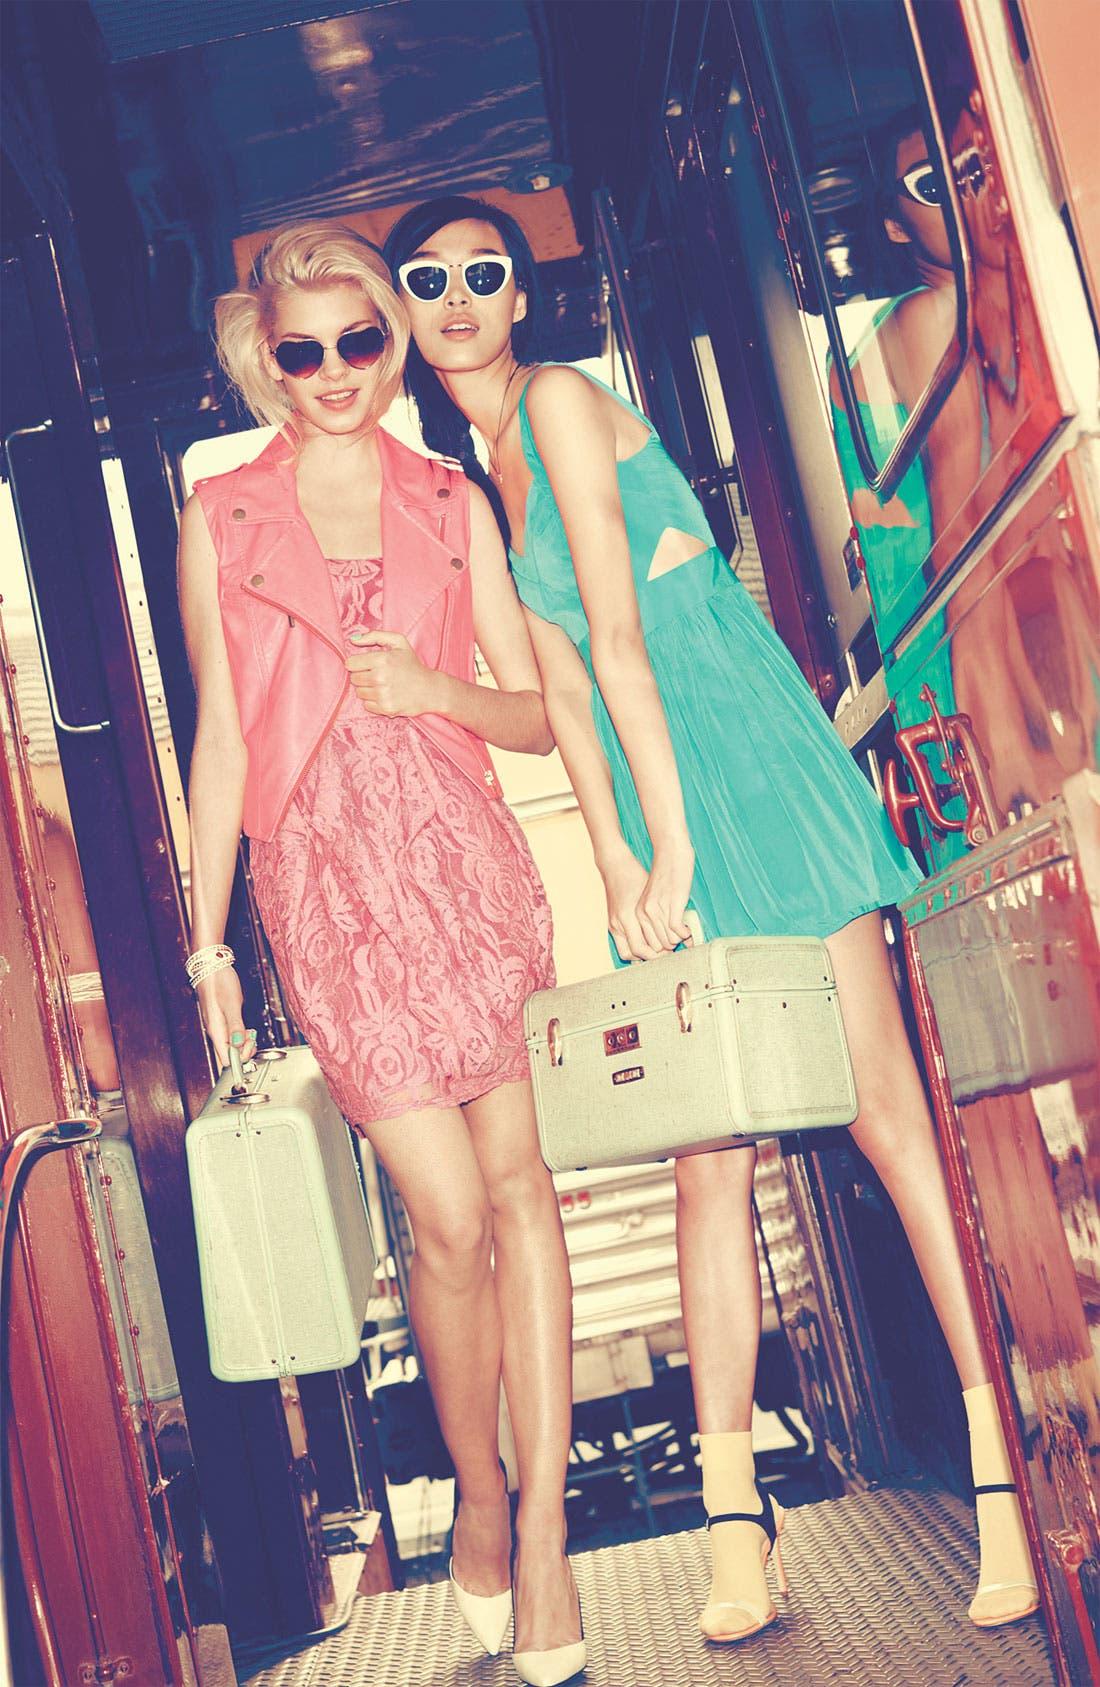 Main Image - Jessica Simpson Dress & ASTR Faux Leather Vest